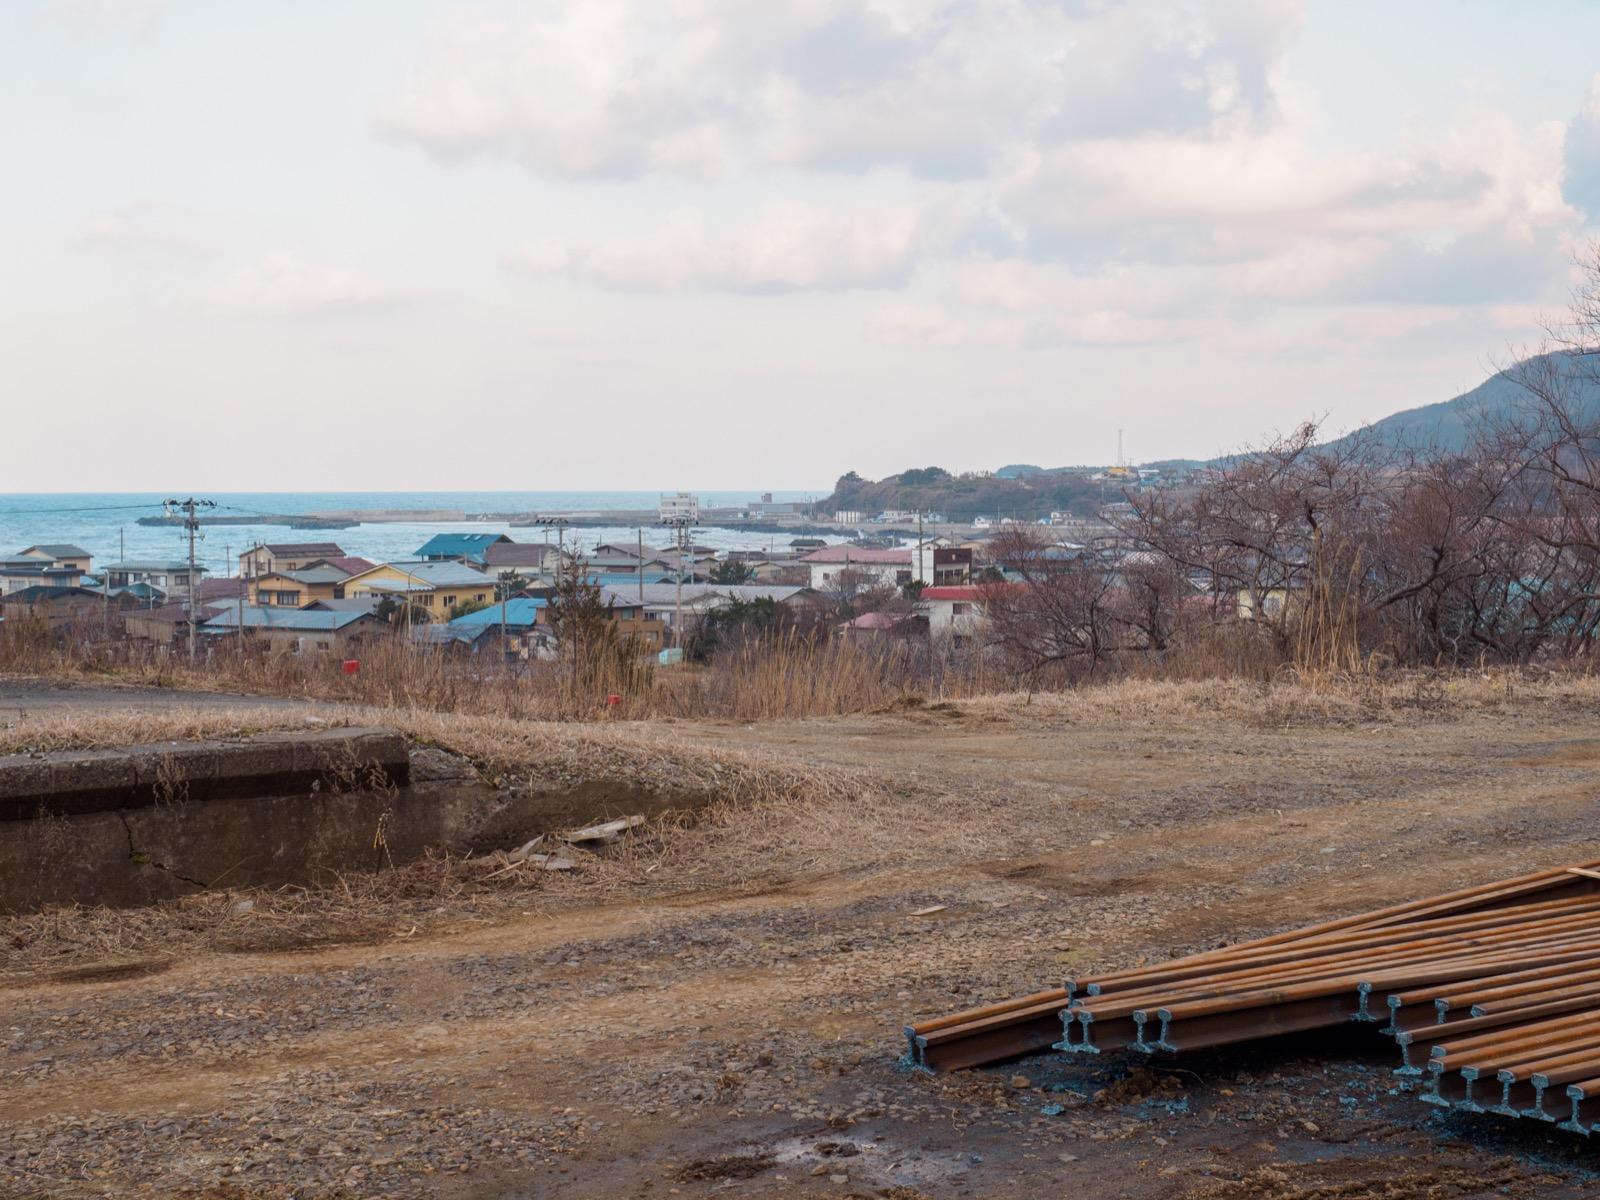 八森駅から見る八森漁港